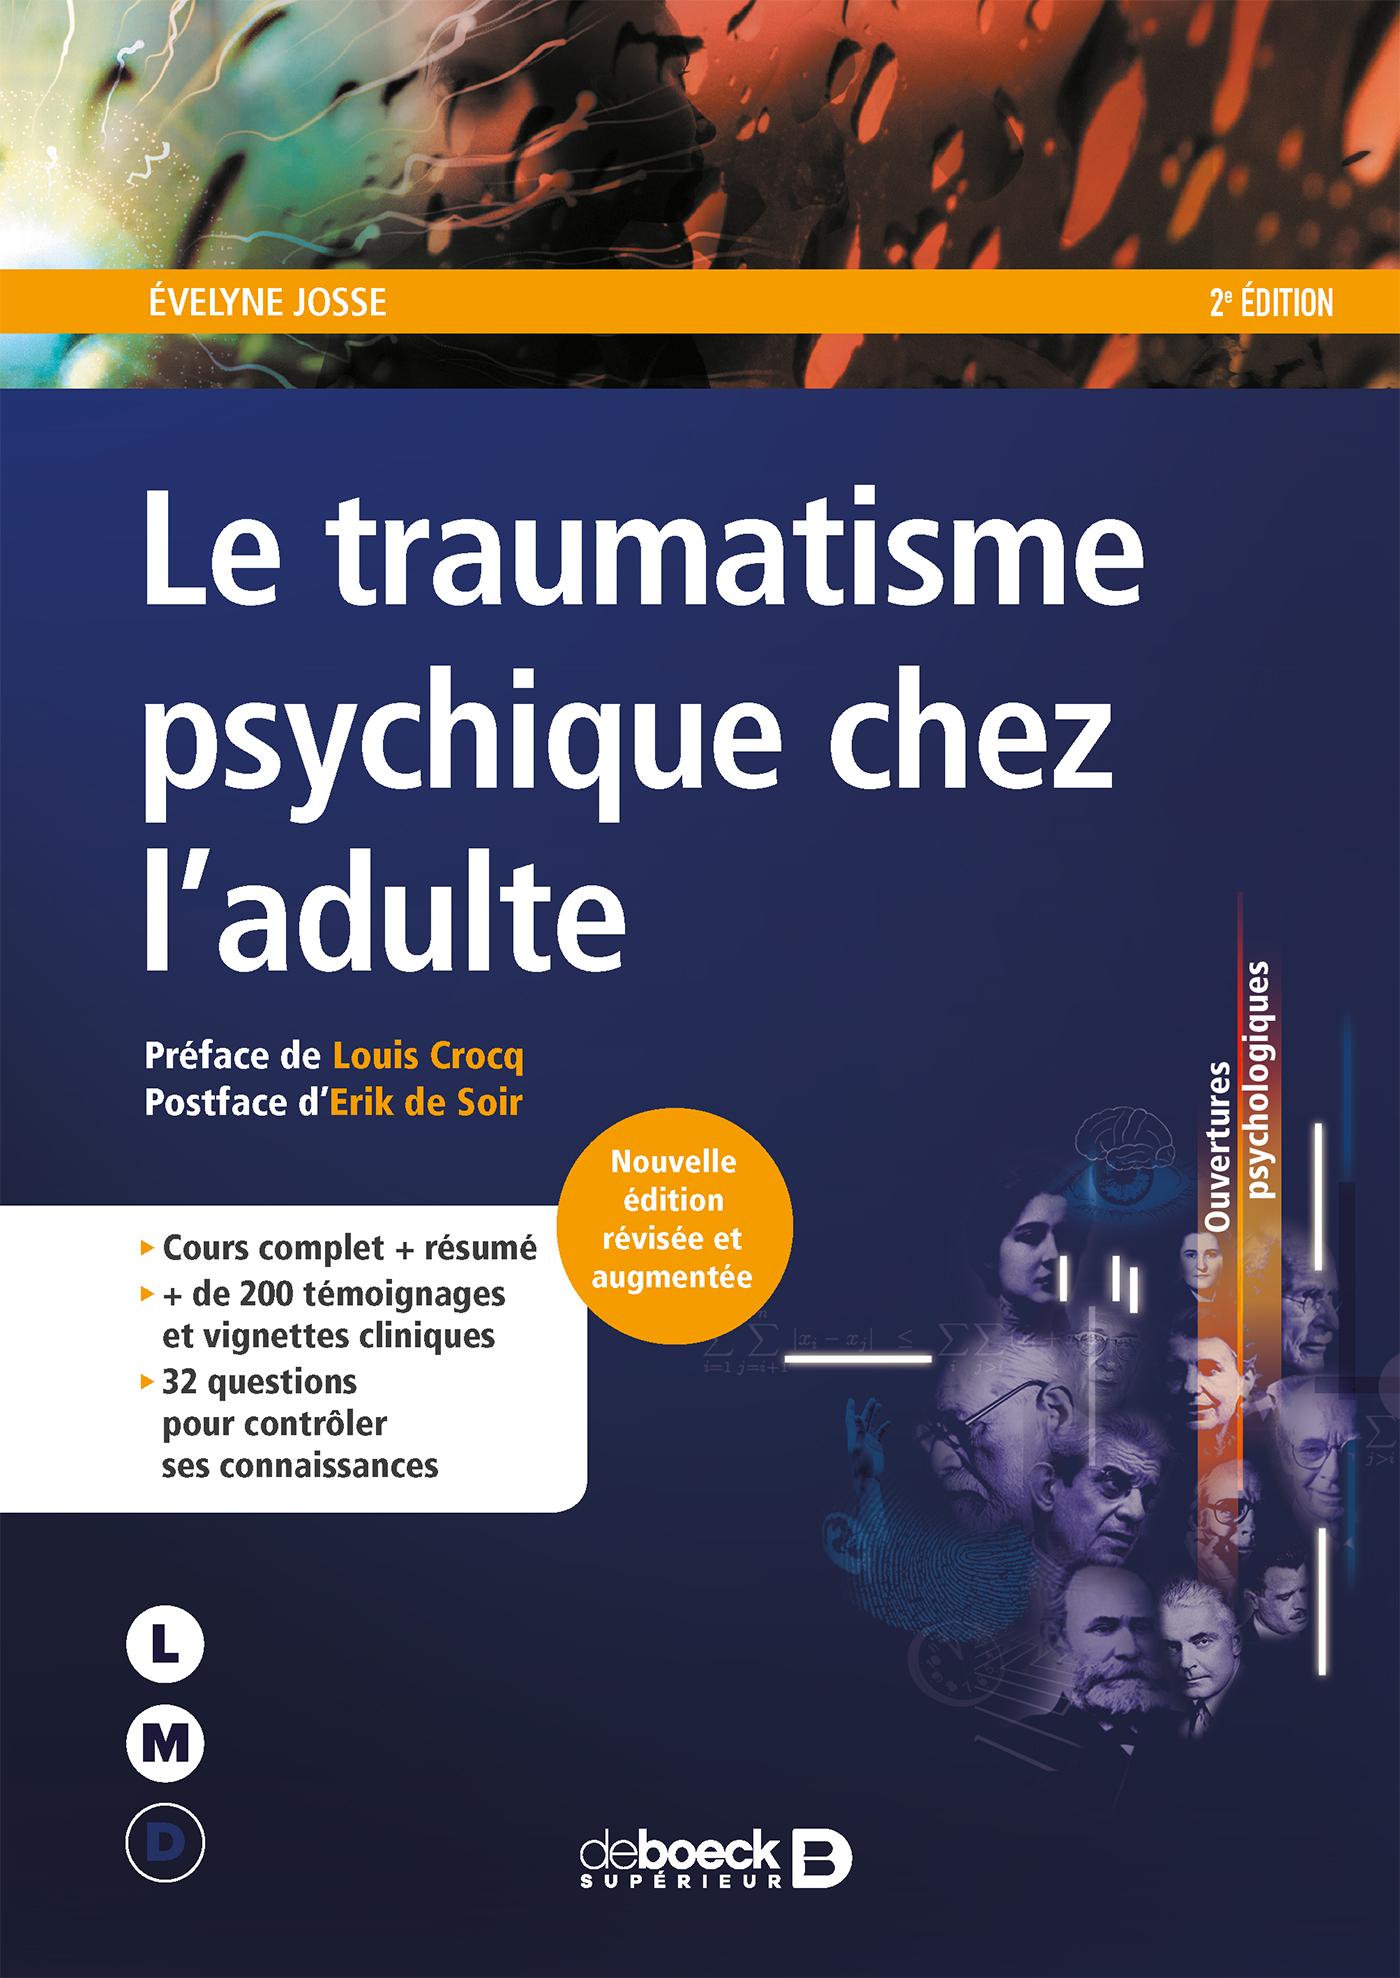 Visuel - Le traumatisme psychique chez l'adulte d'Evelyne Josse